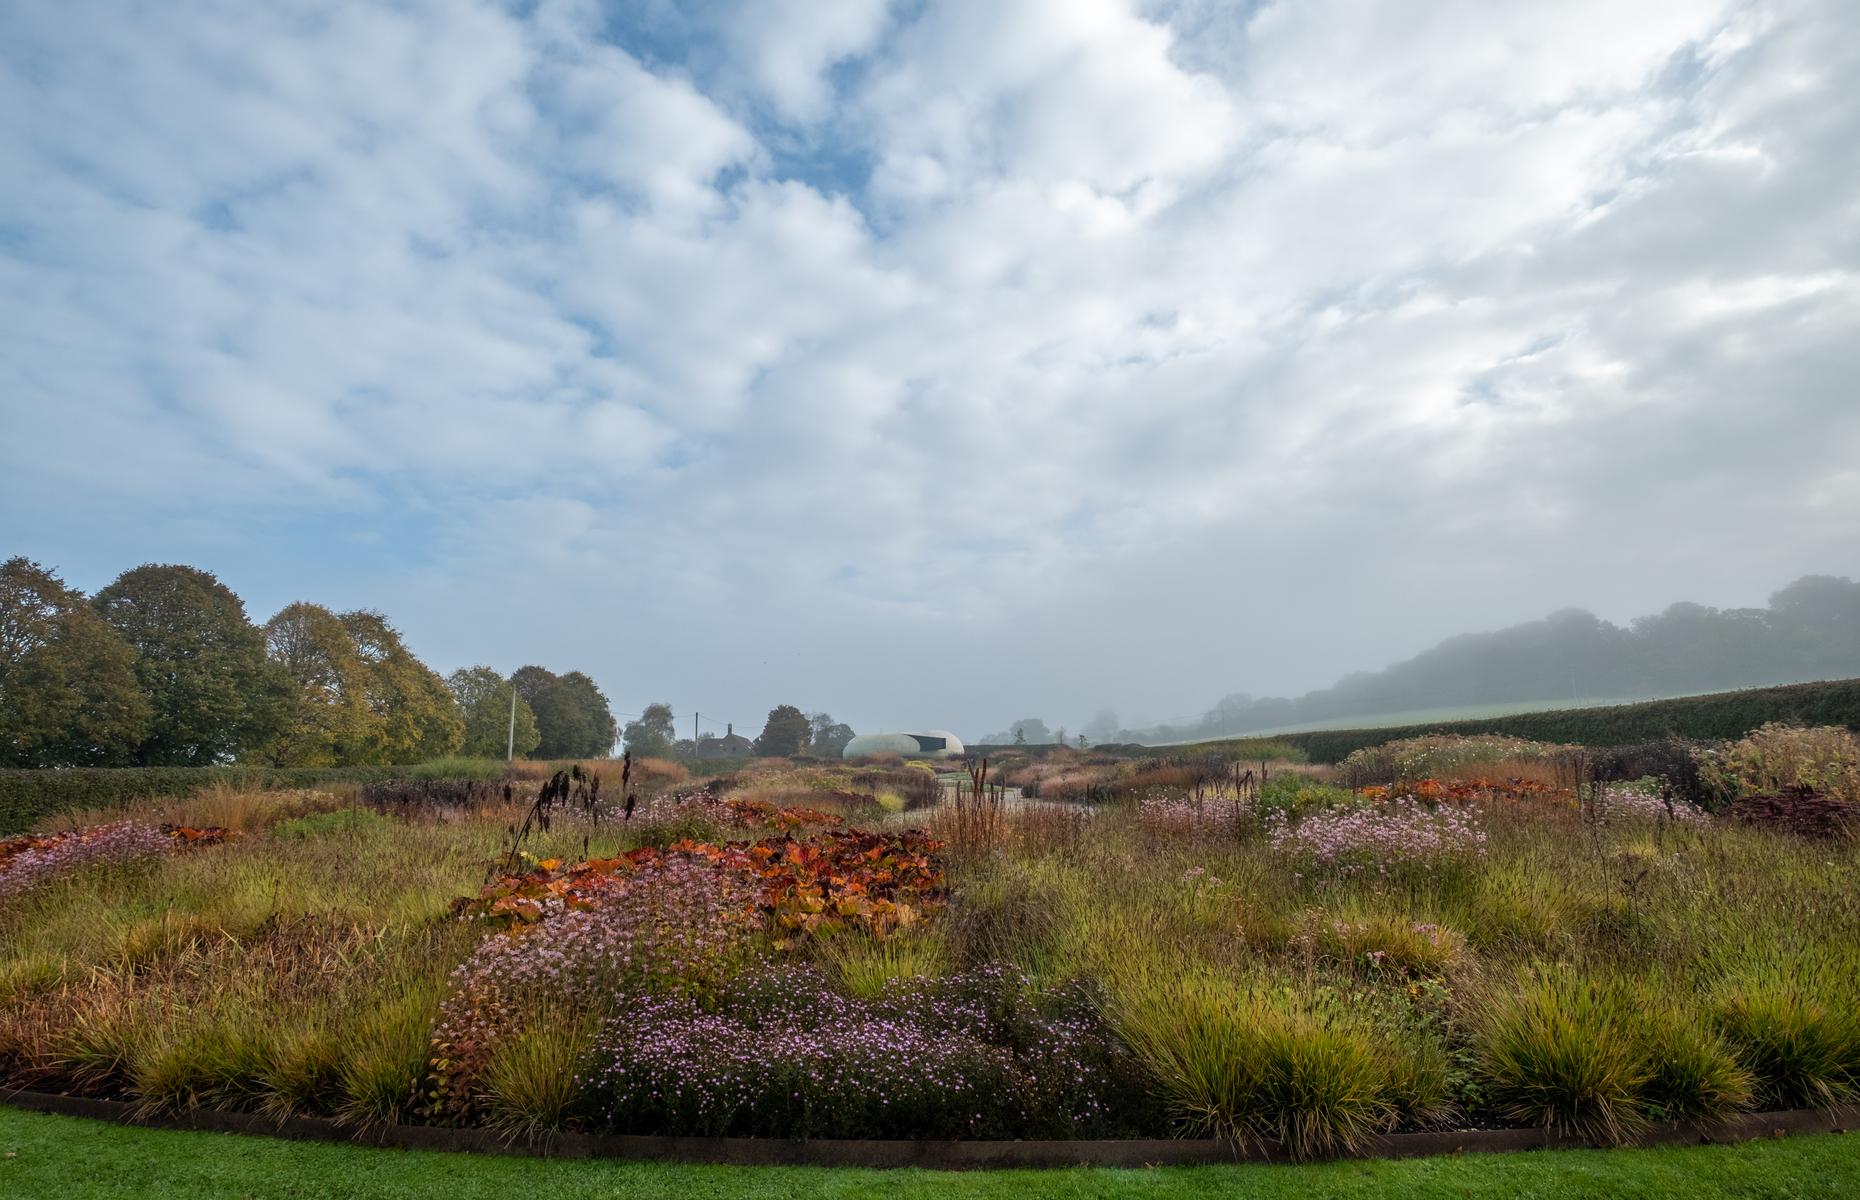 Hauser & Wirth in Bruton (Image: Lois GoBe/Shutterstock)